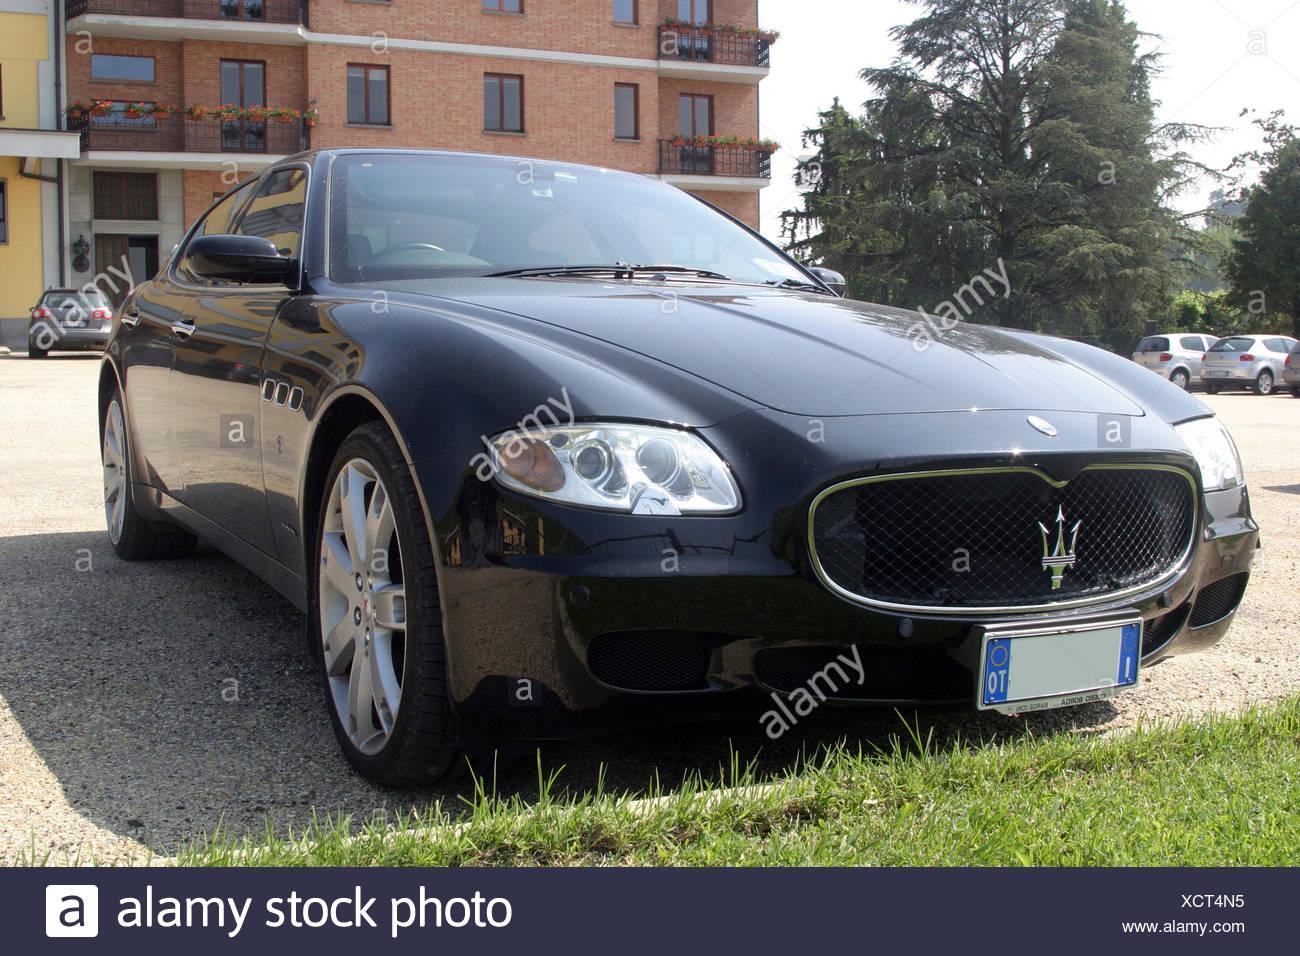 Maserati luxury sports car - Stock Image